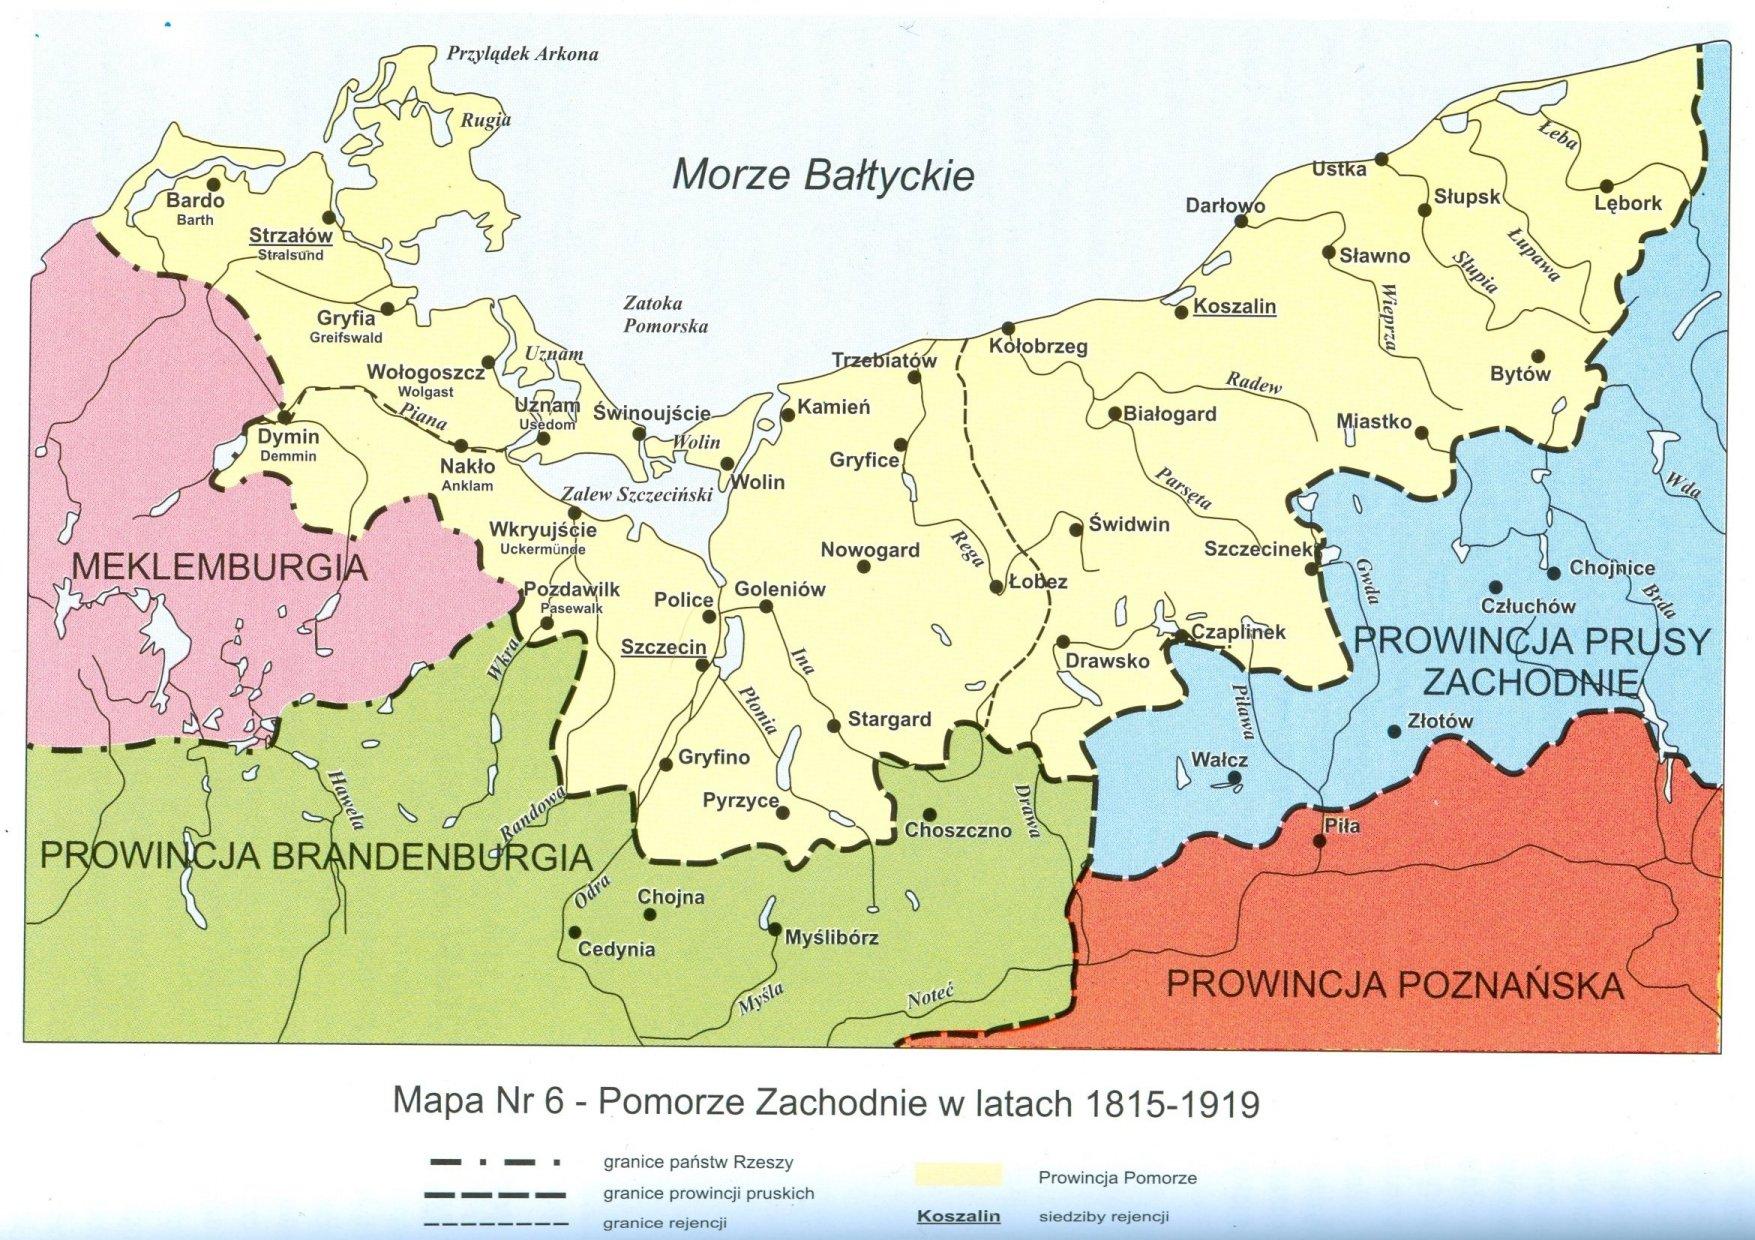 Mapy Zachodniopomorskie Porcelanki